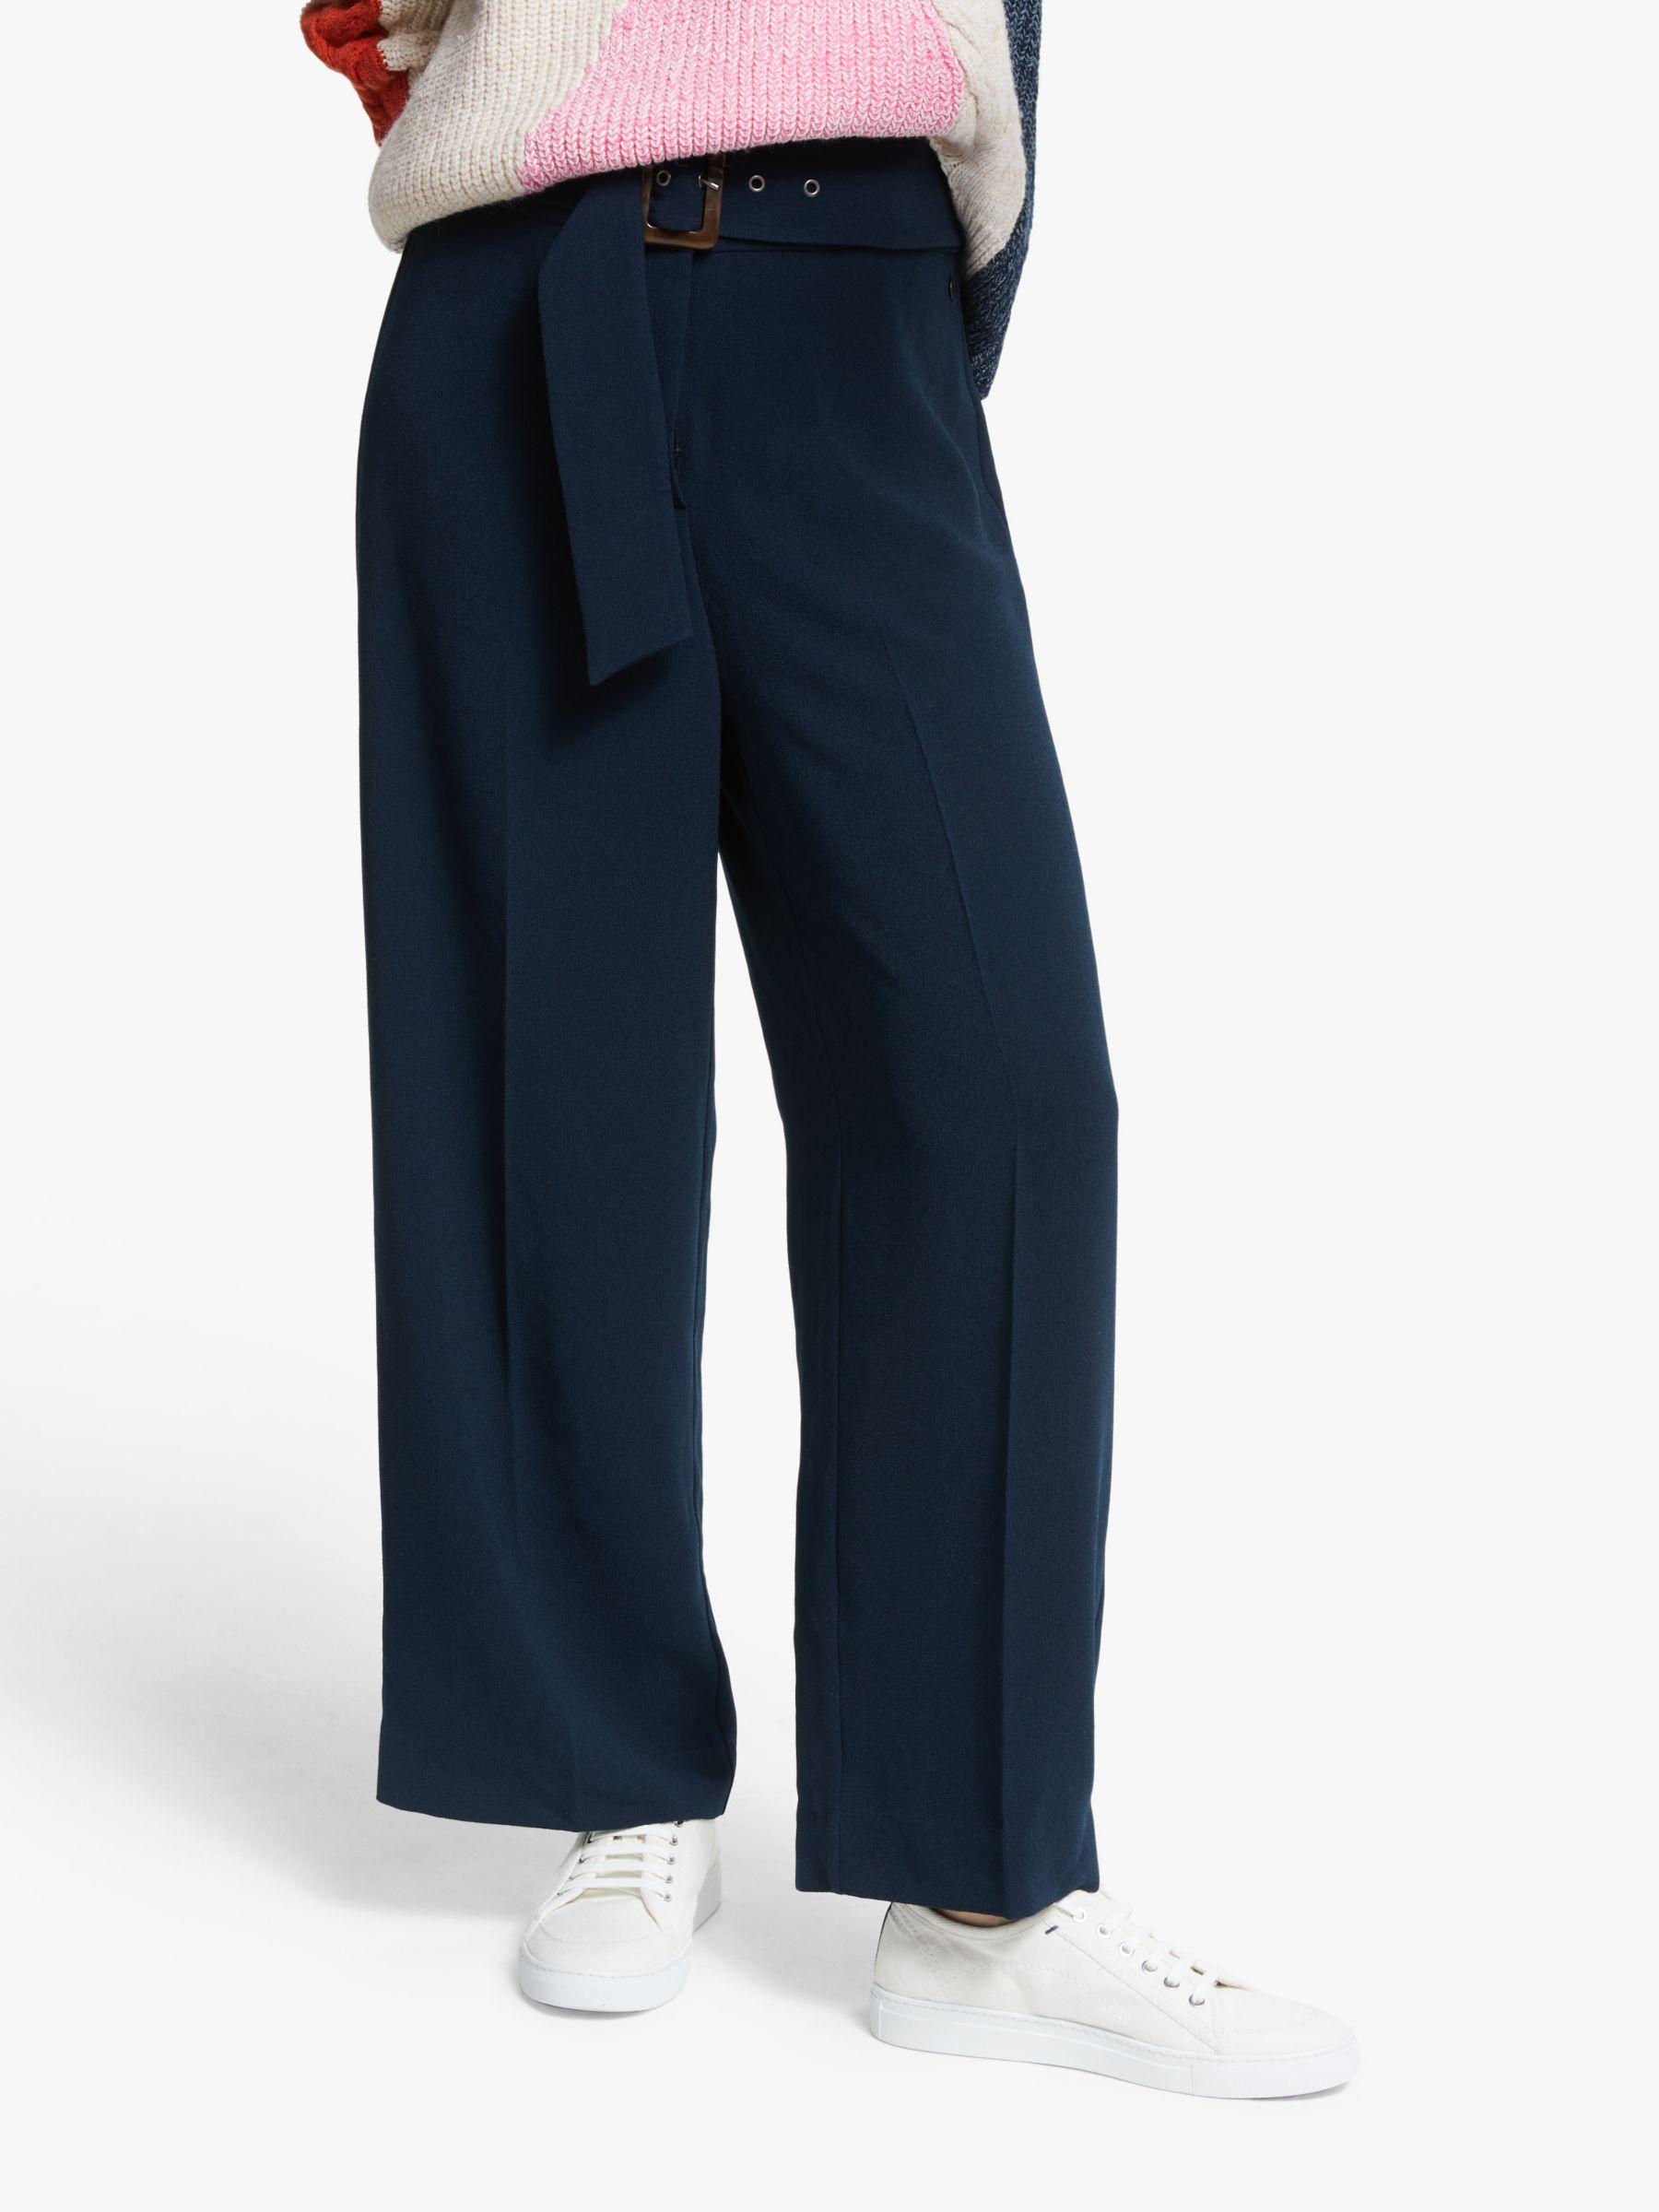 Numph Numph Adamina Wide Leg Trousers, Dark Sapphire